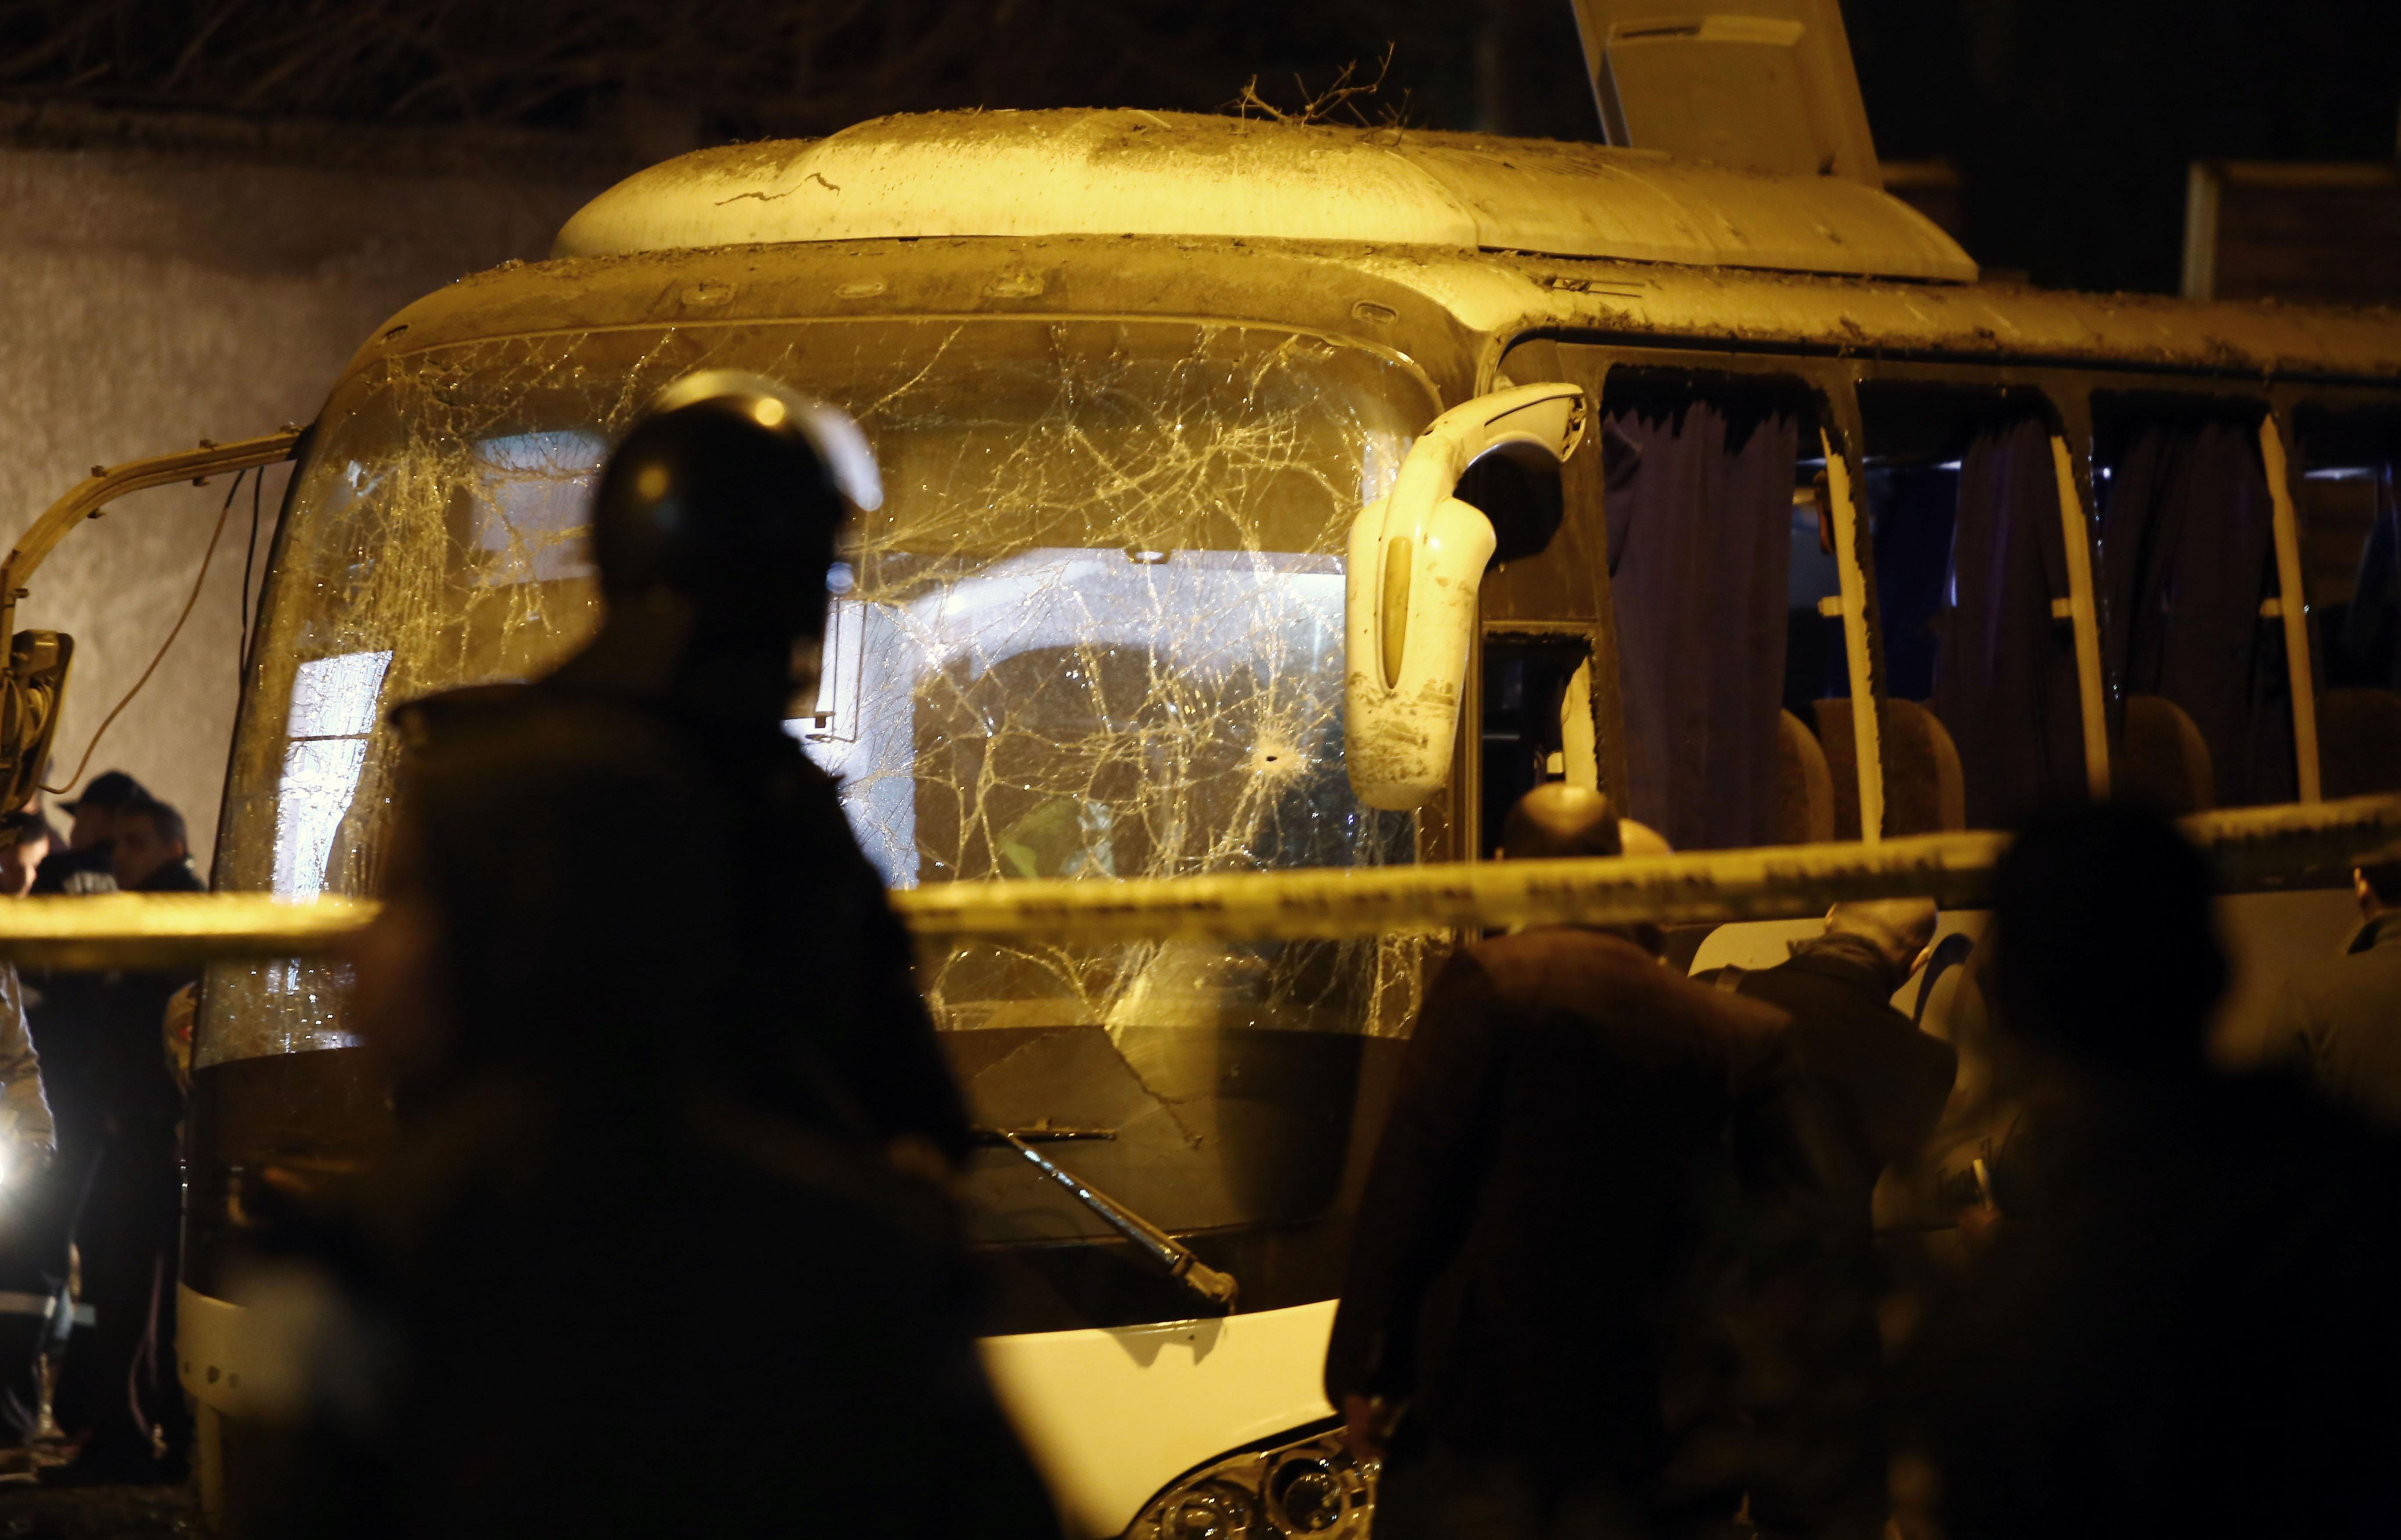 埃及一旅游巴士遭路边炸弹袭击3人死亡